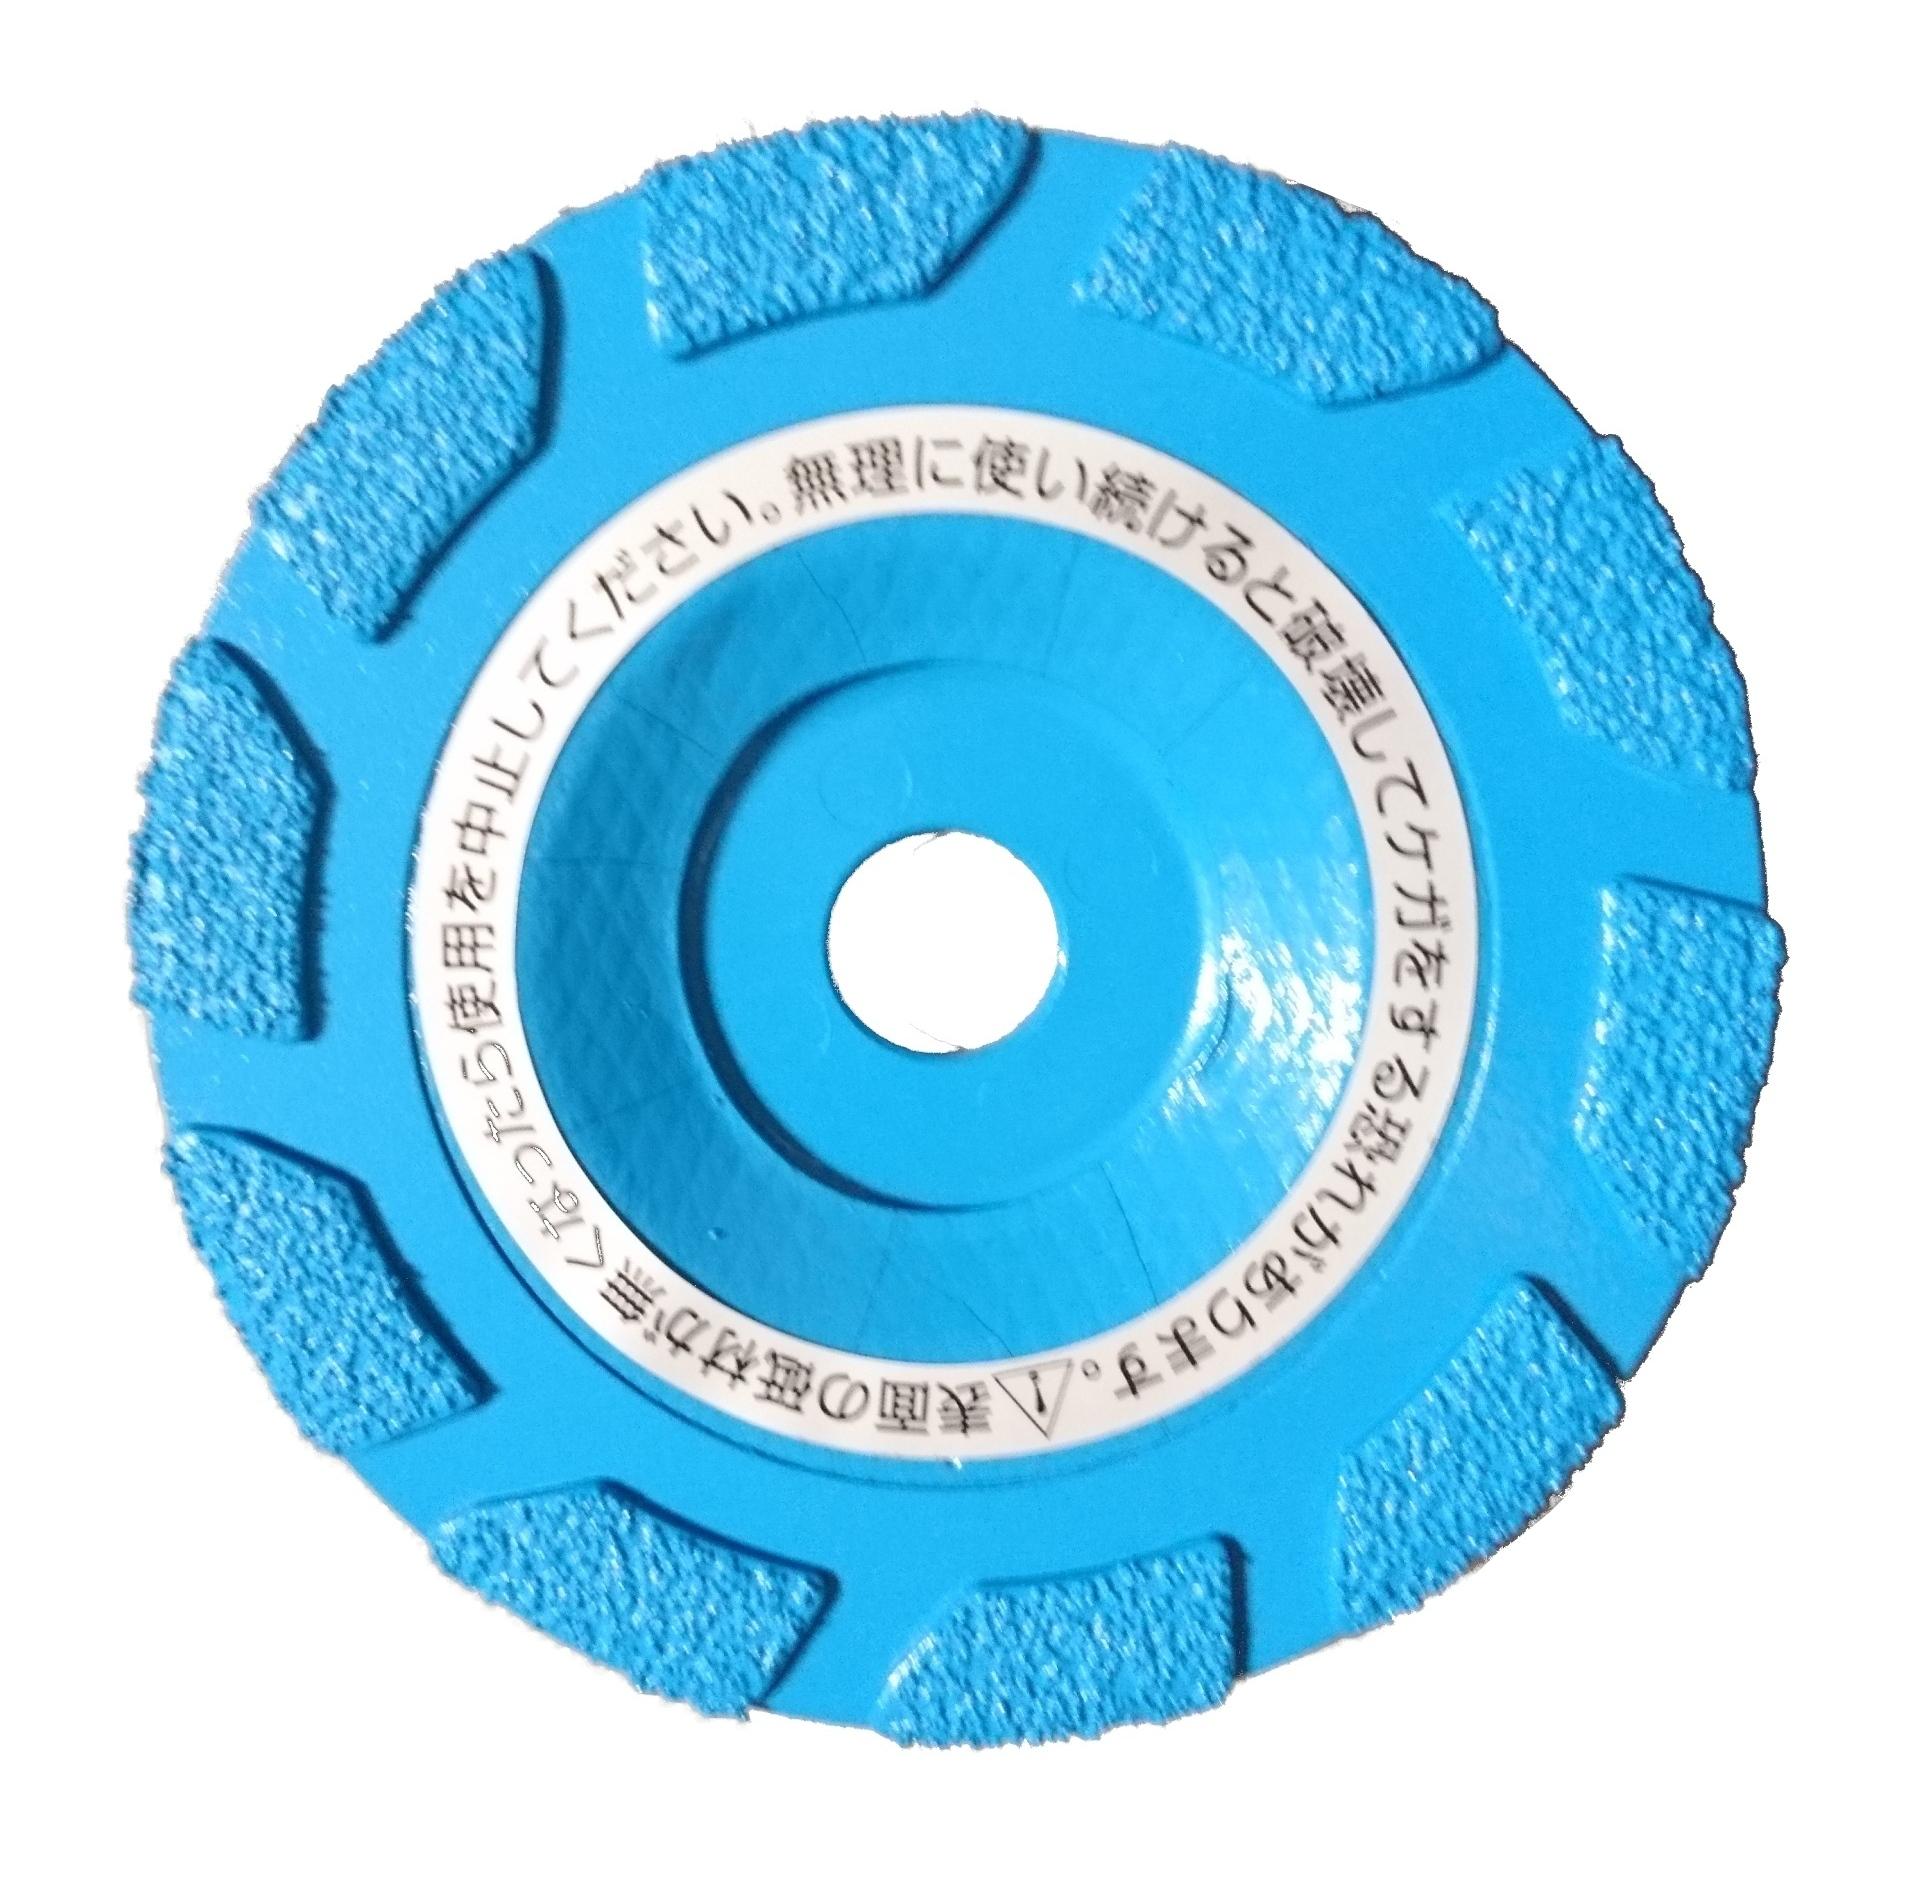 アートカップ(青)